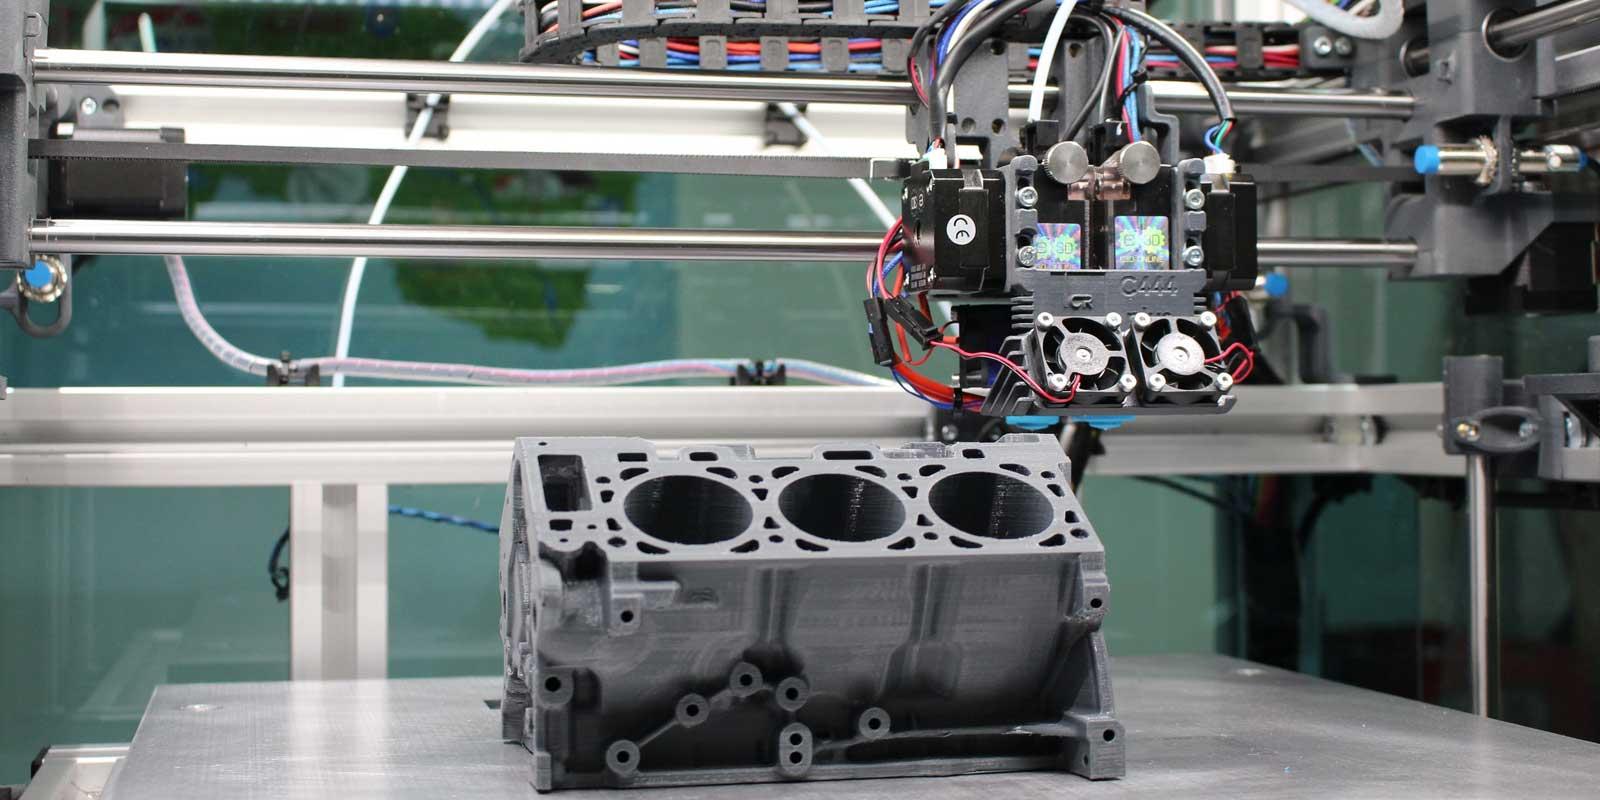 stampa-3d-facile-modelli-estrusore-filamento-design-problemi-guida-plastica-stampante-simplify3d-layer-disallineamento-cinghia-motore-1